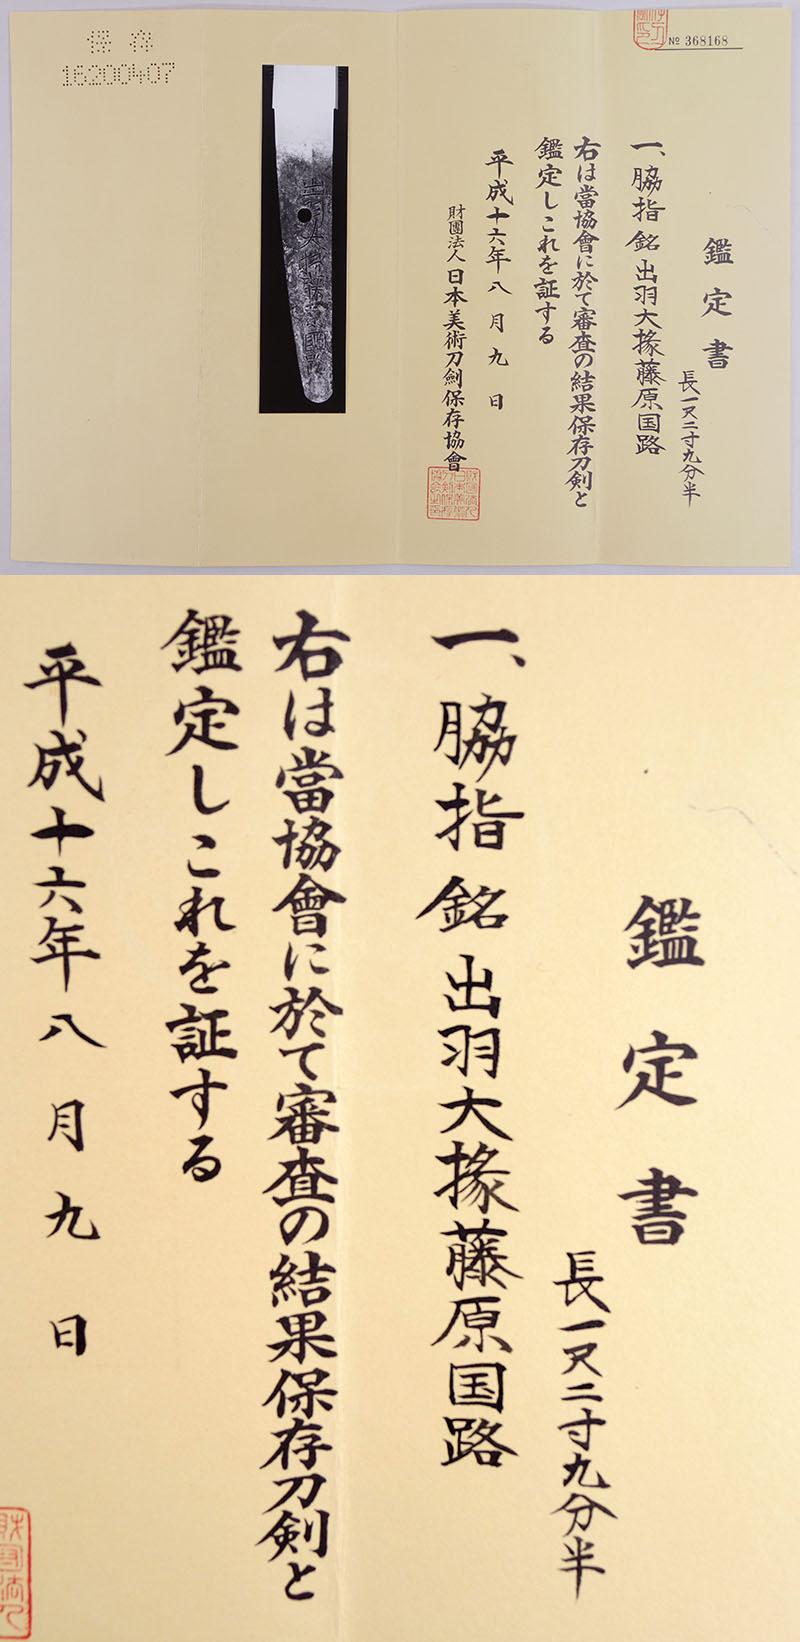 出羽大掾藤原国路 Picture of Certificate